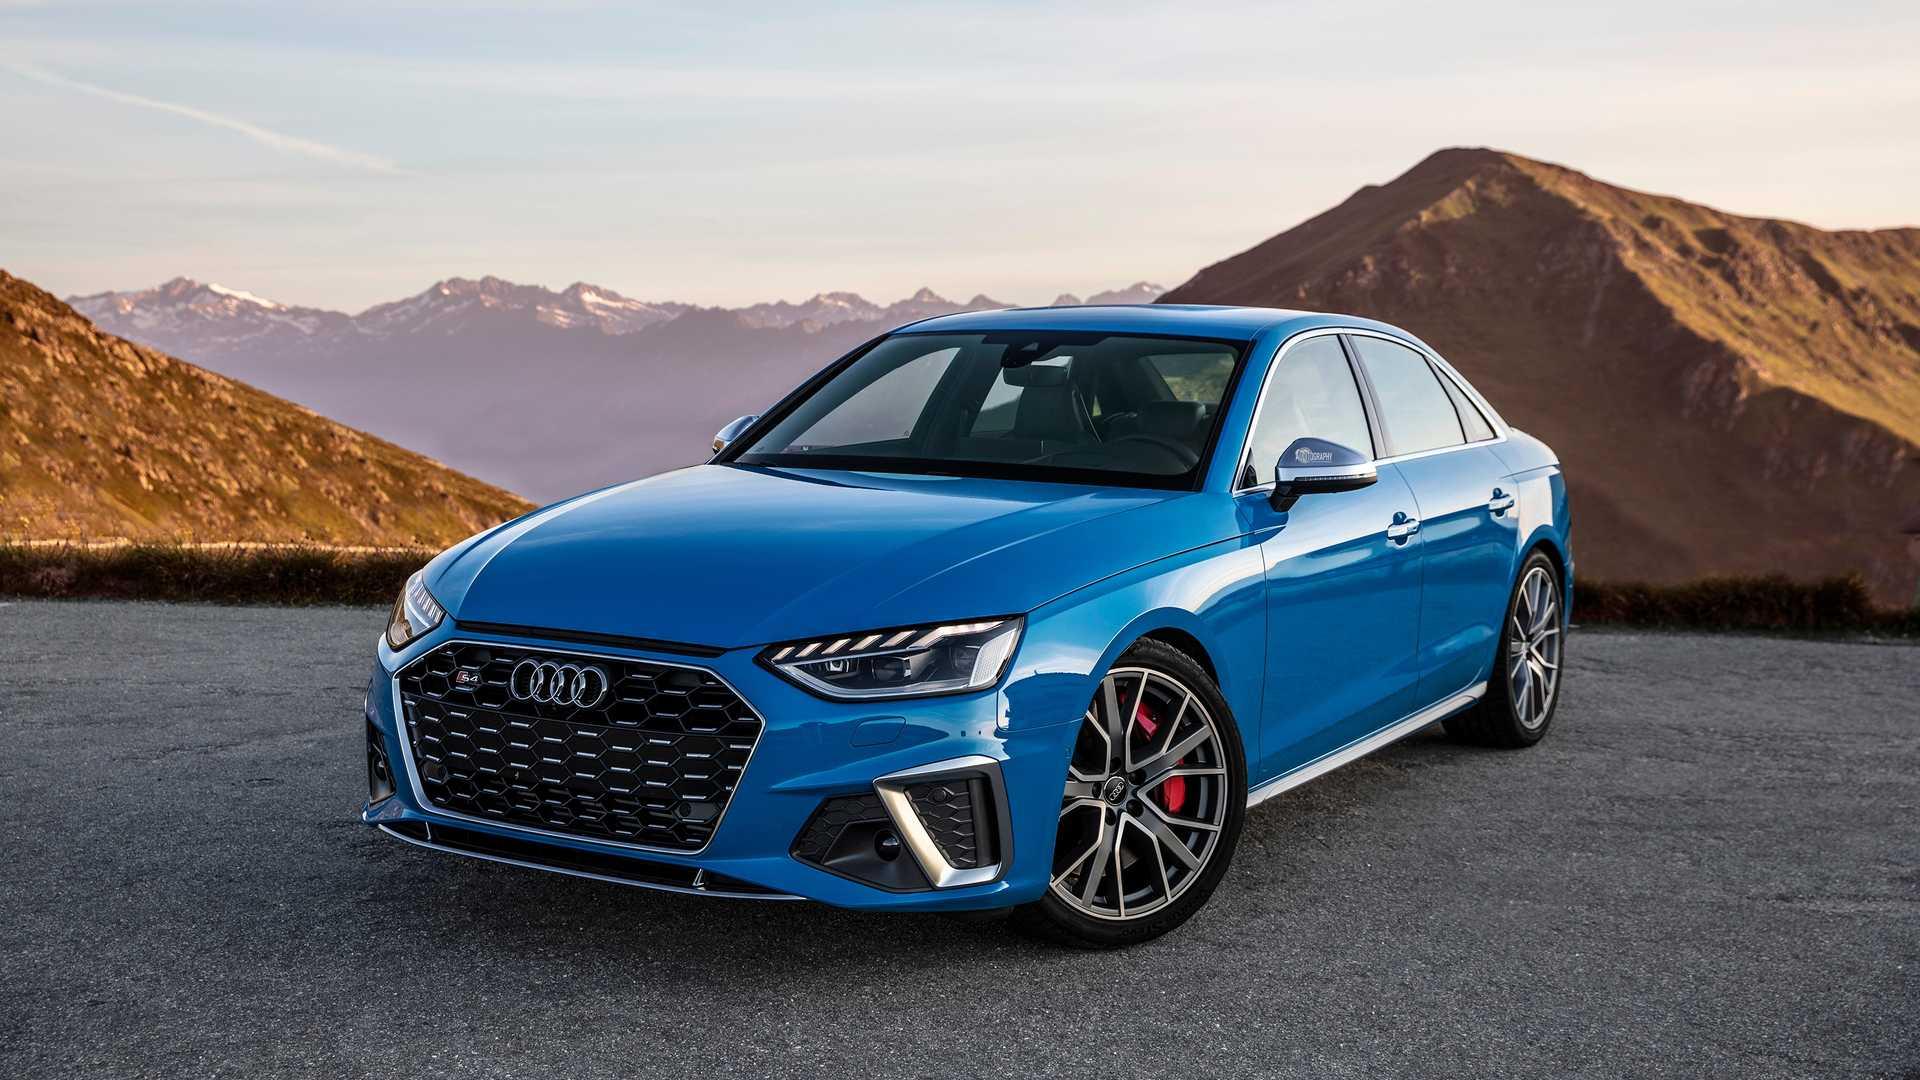 Audi S4 Turbo blue